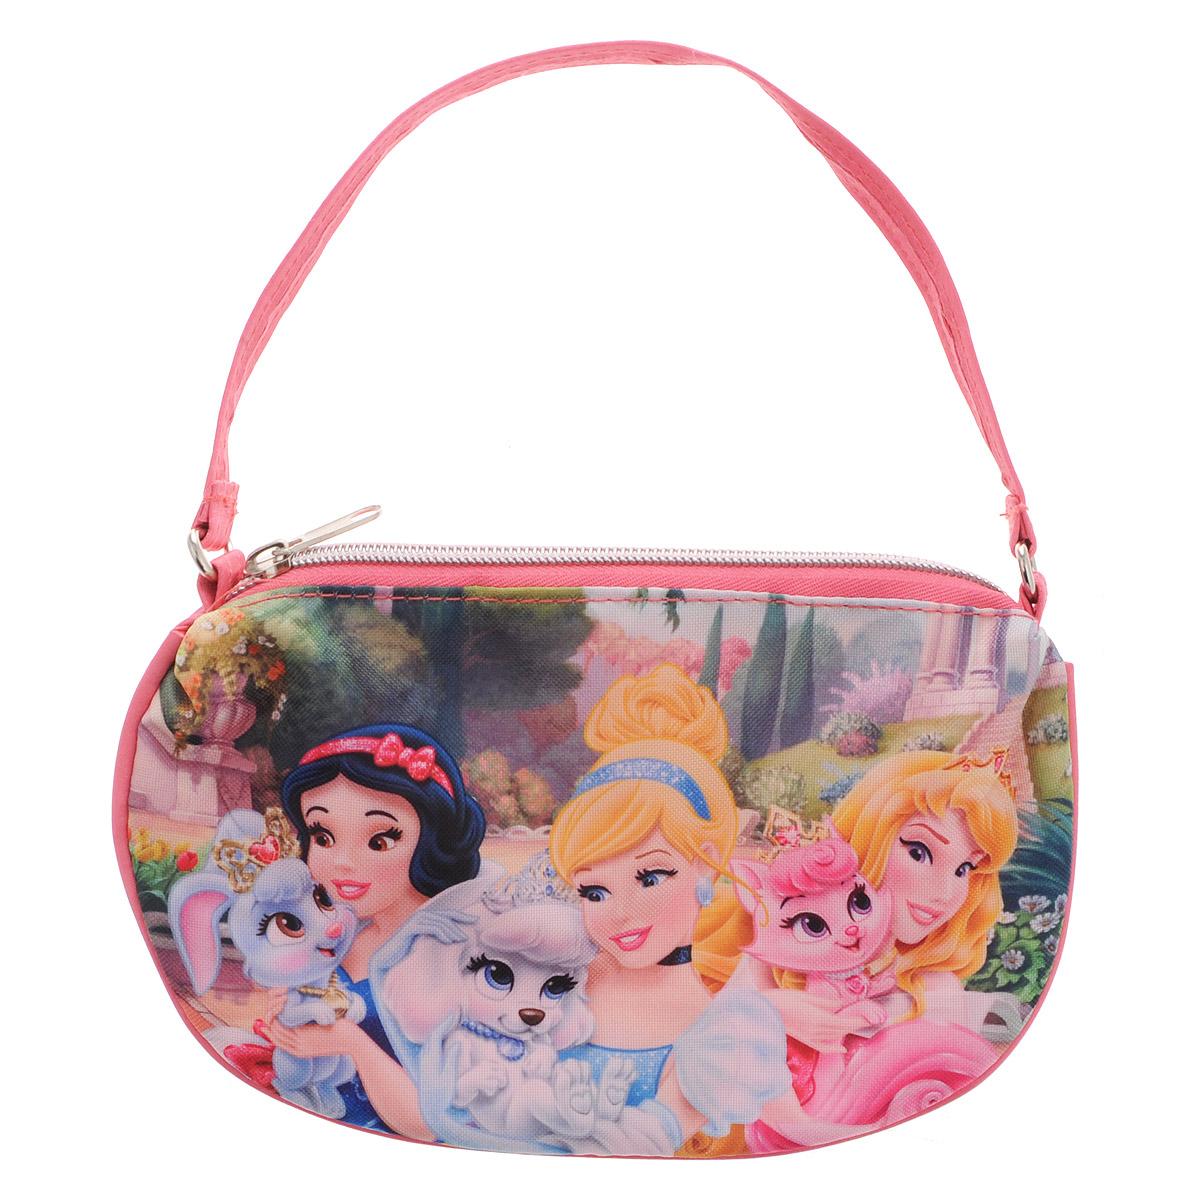 Сумочка Princess, цвет: розовый. PRCB-UT4-4017OM-678-1/2Яркая сумочка Princess станет незаменимым аксессуаром для вашей маленькой модницы!Она изготовлена из текстильного материала и оформлена объемной аппликацией в виде изображений любимых сказочных героев. Сумка имеет одно отделение и закрывается на застежку-молнию. Ваша малышка с удовольствием будет носить в ней свои вещи, любимые игрушки или аксессуары. Порадуйте ее таким замечательным подарком!